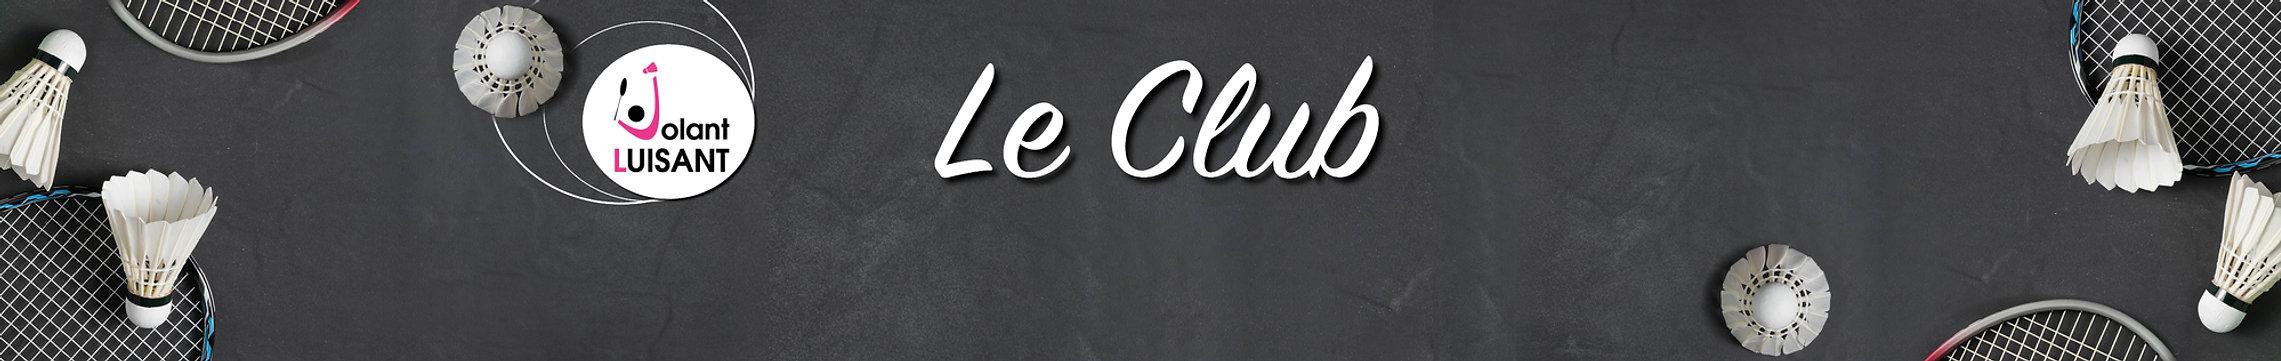 le club banniere.jpg